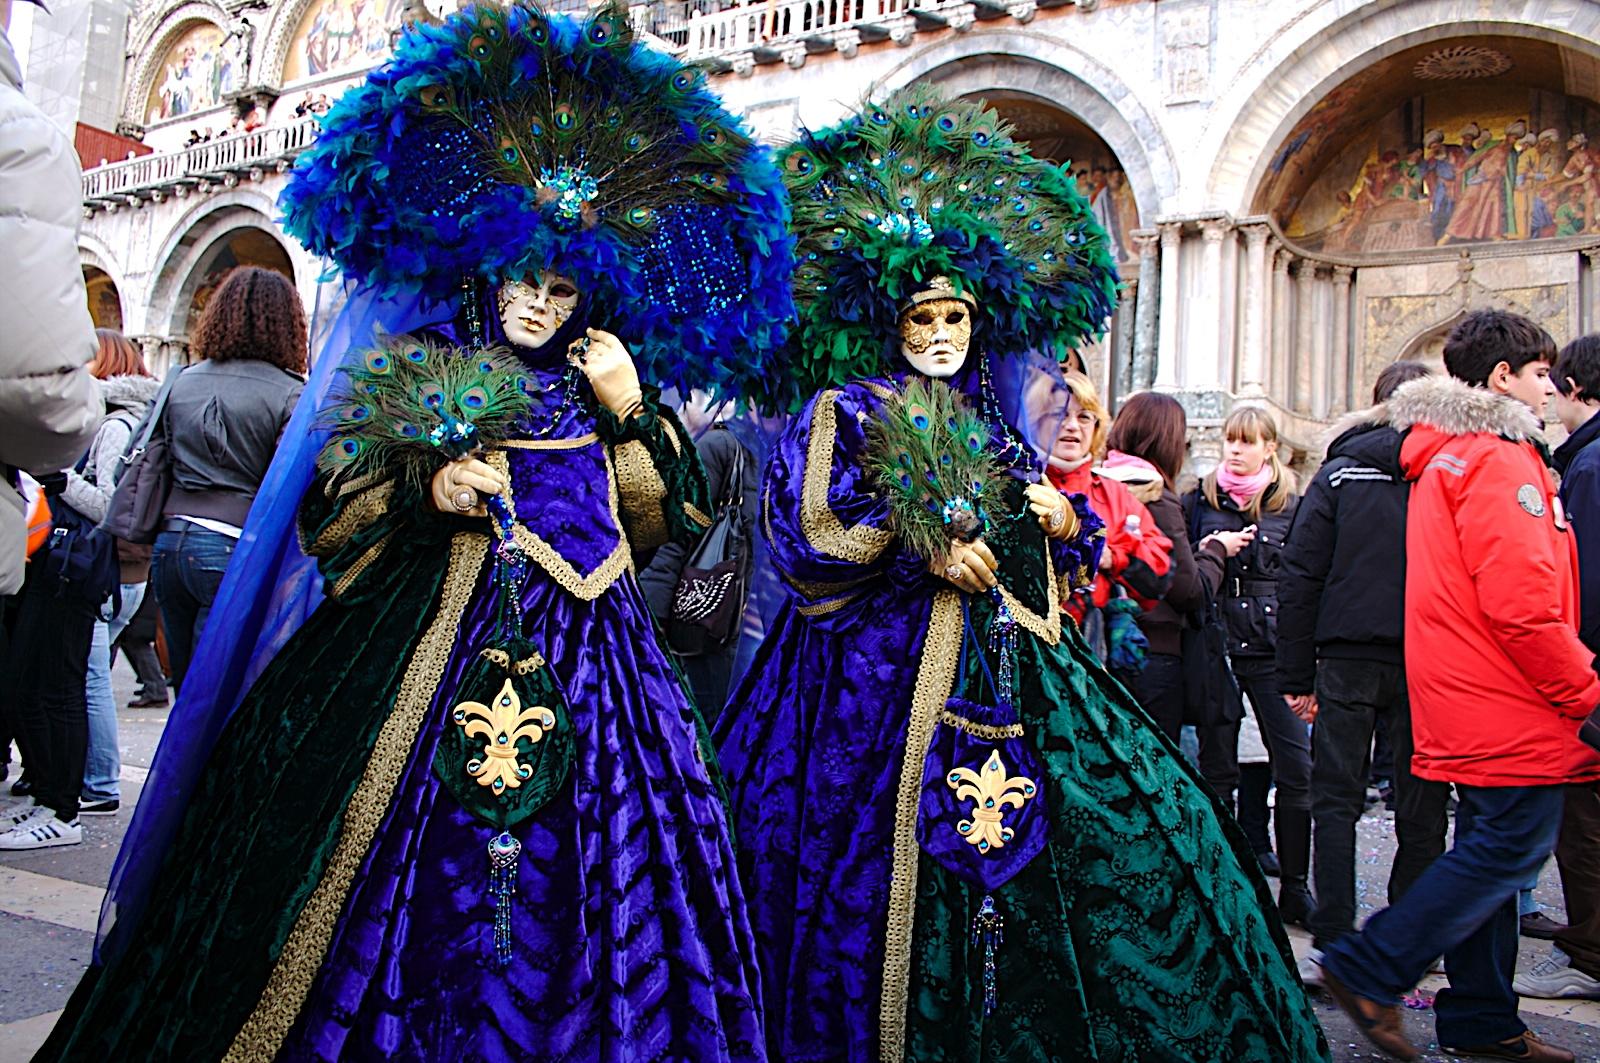 programma 2015 carnevale di venezia - viaggiamo